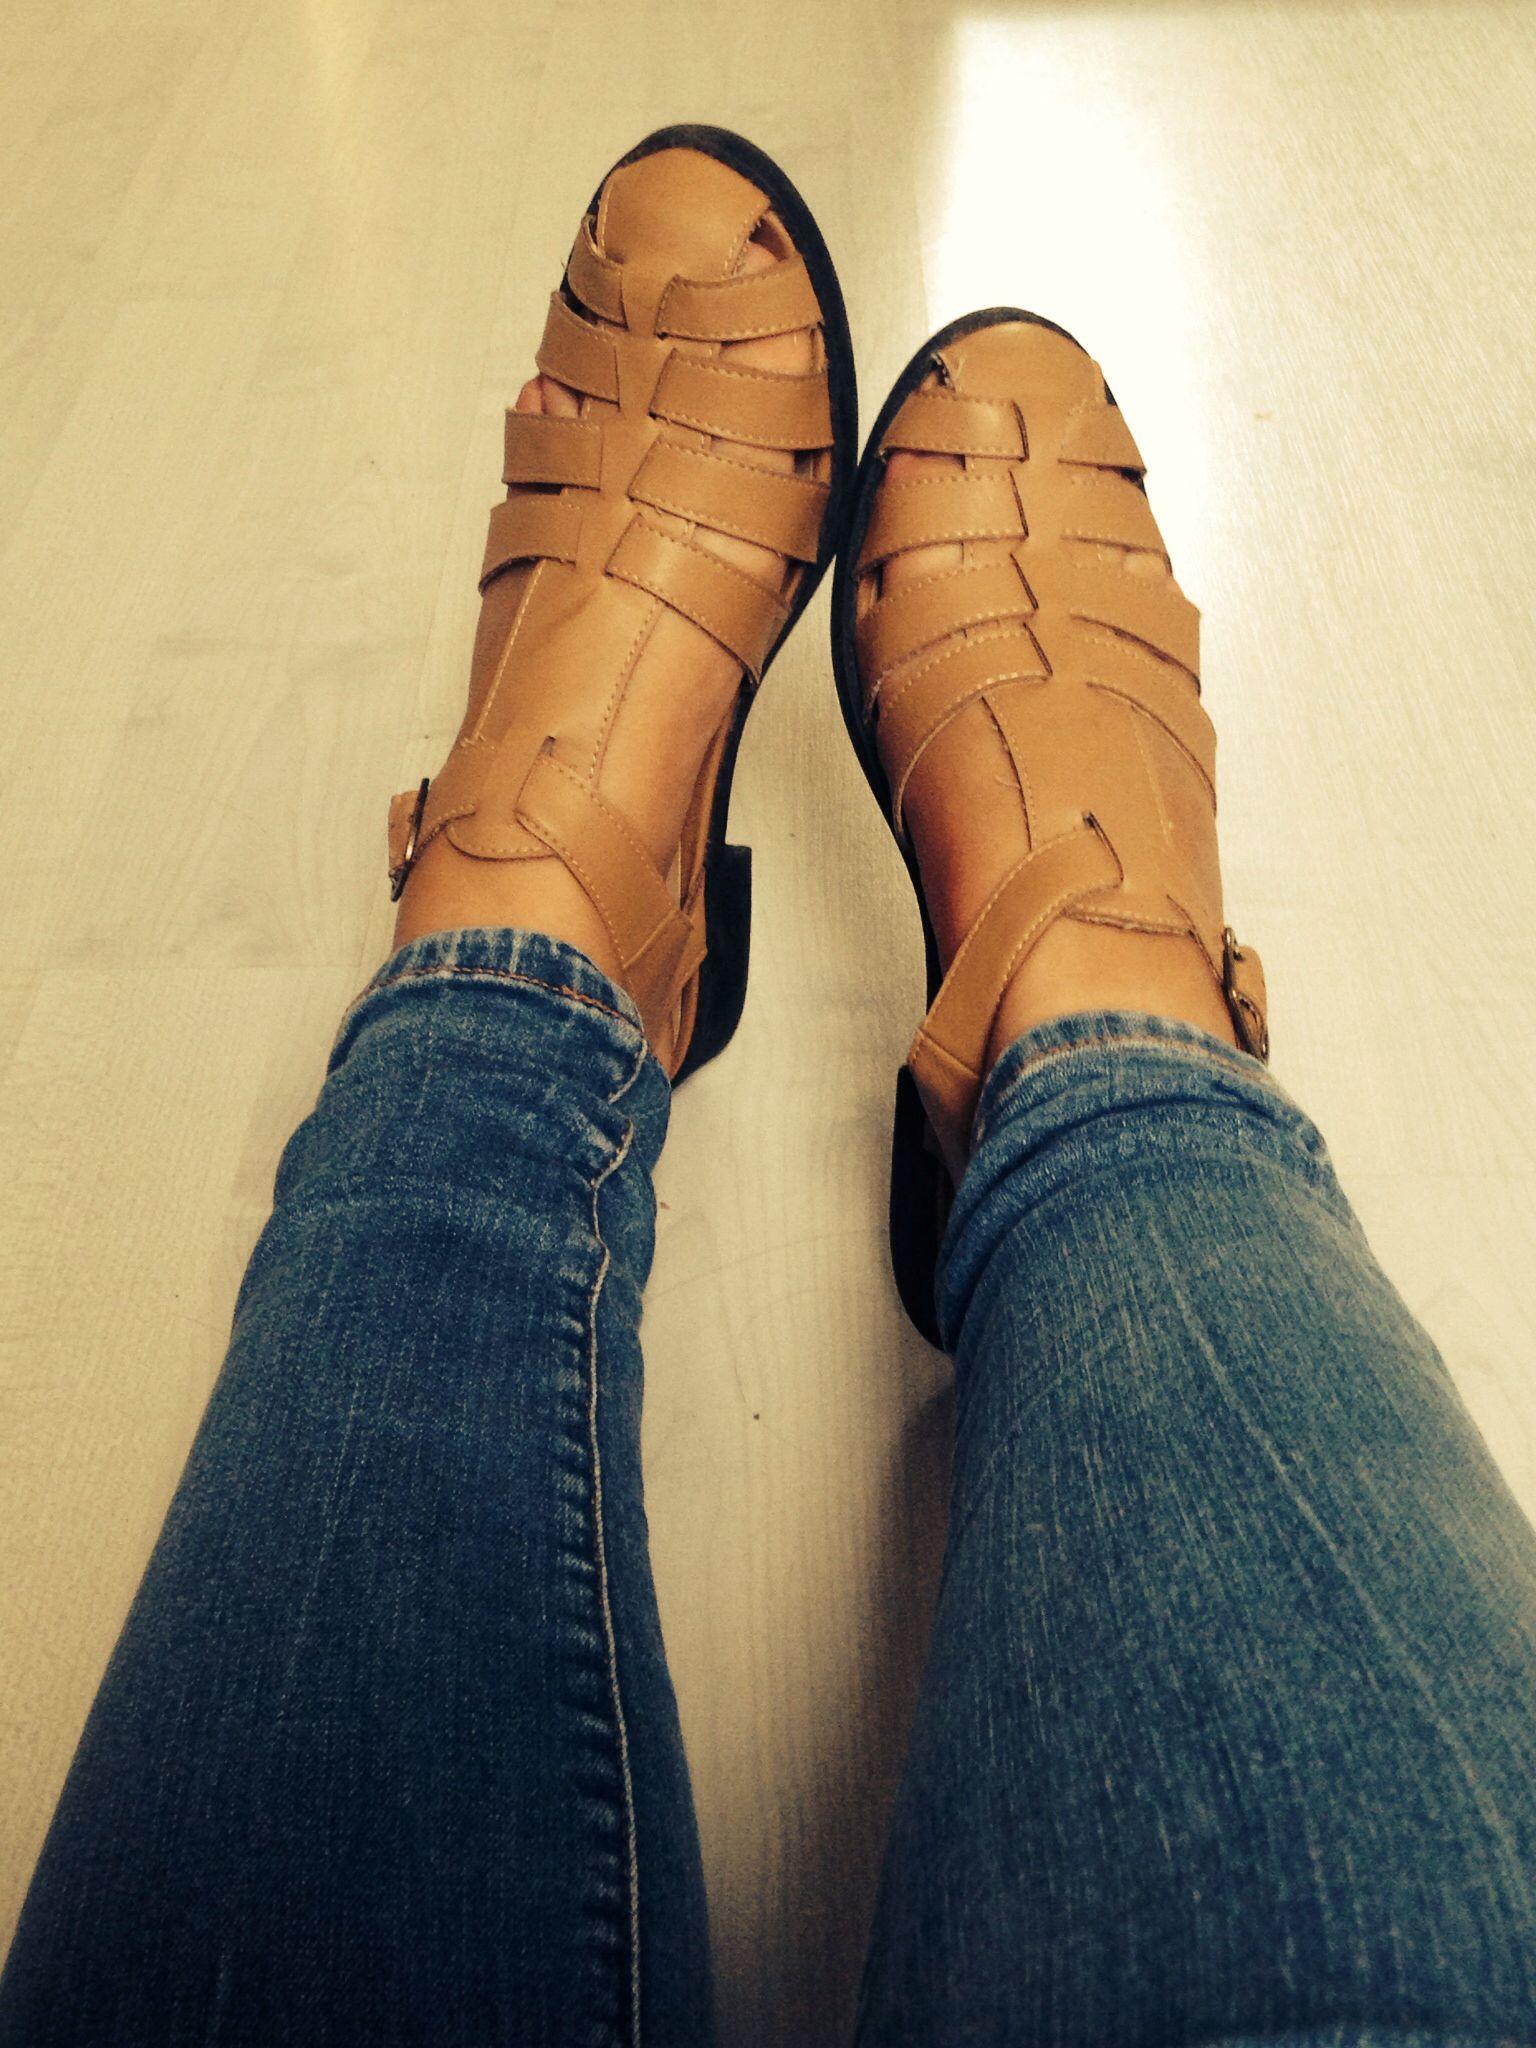 Summertime.. ☀️☀️